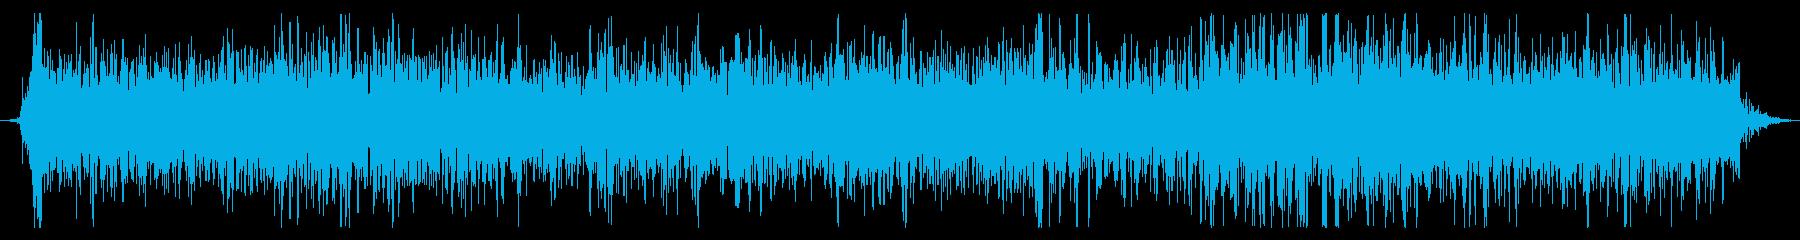 火炎放射器:ロングバーストの再生済みの波形